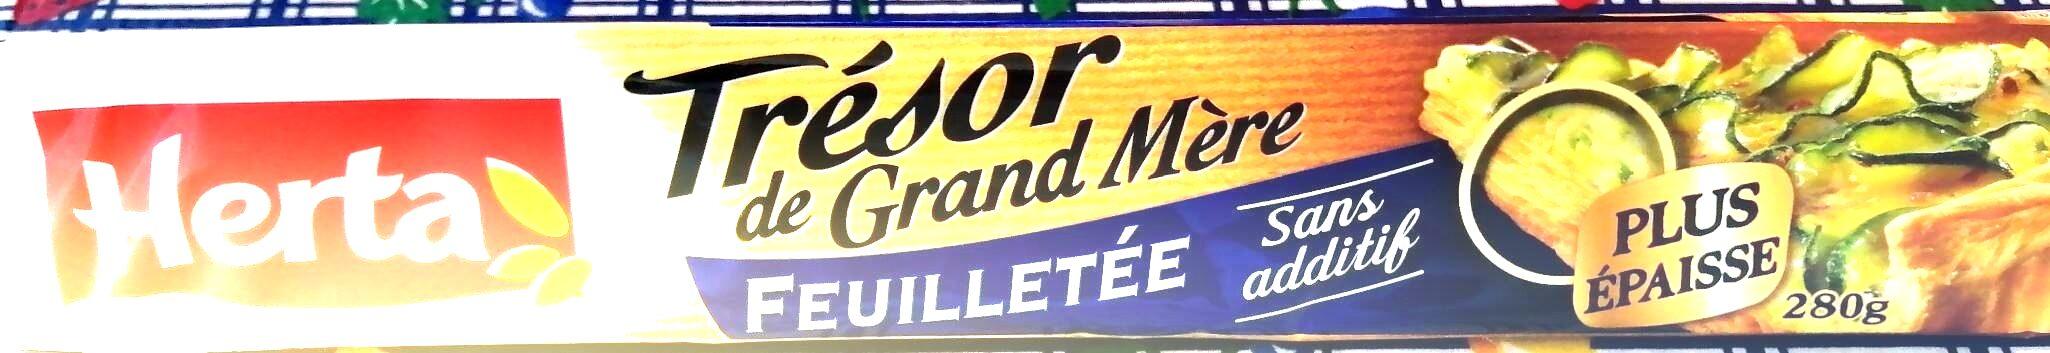 Trésor de grand mère feuilletée - Produit - fr